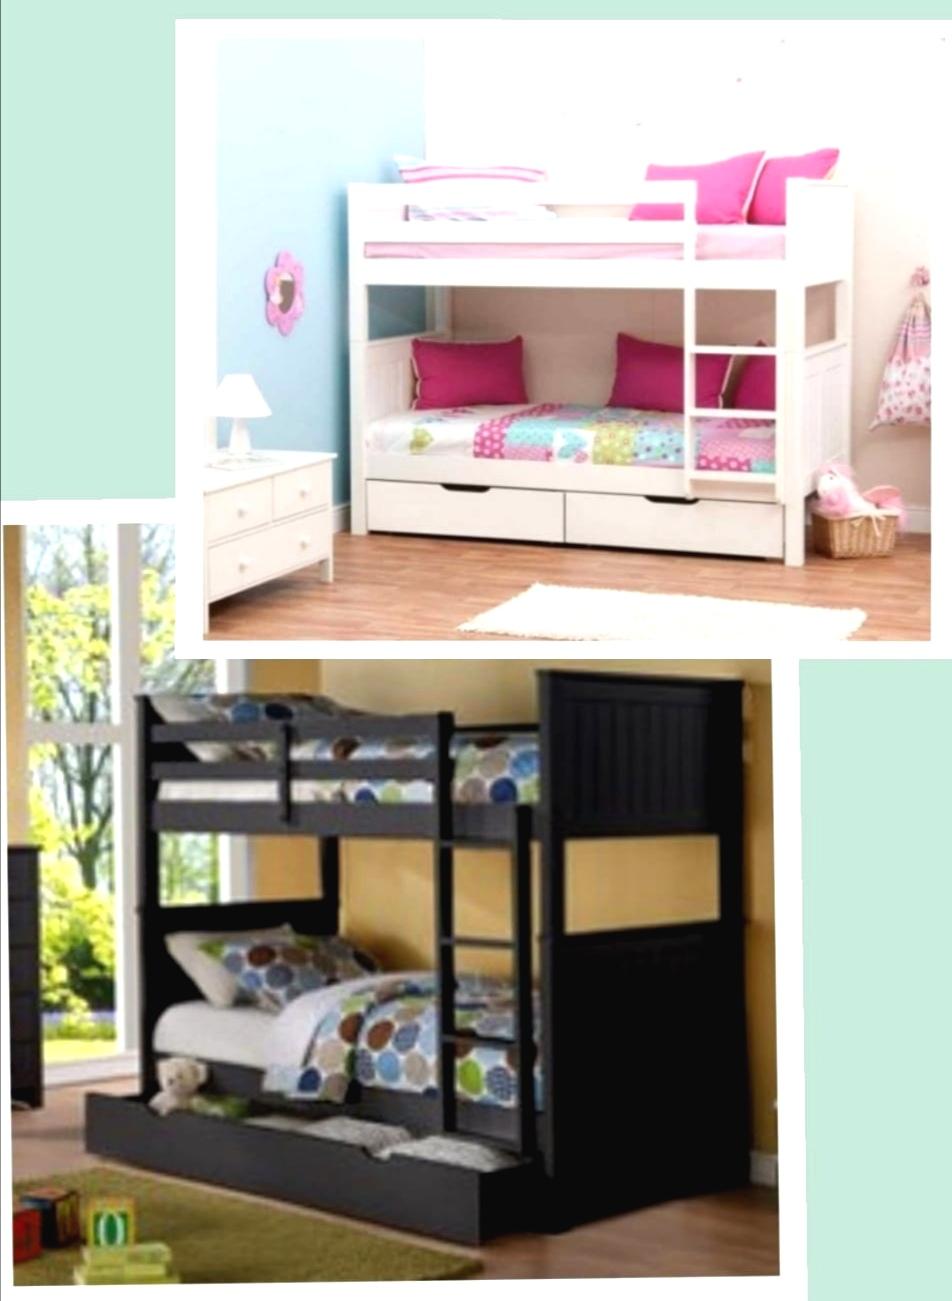 The-Camden-Bunk-Bed